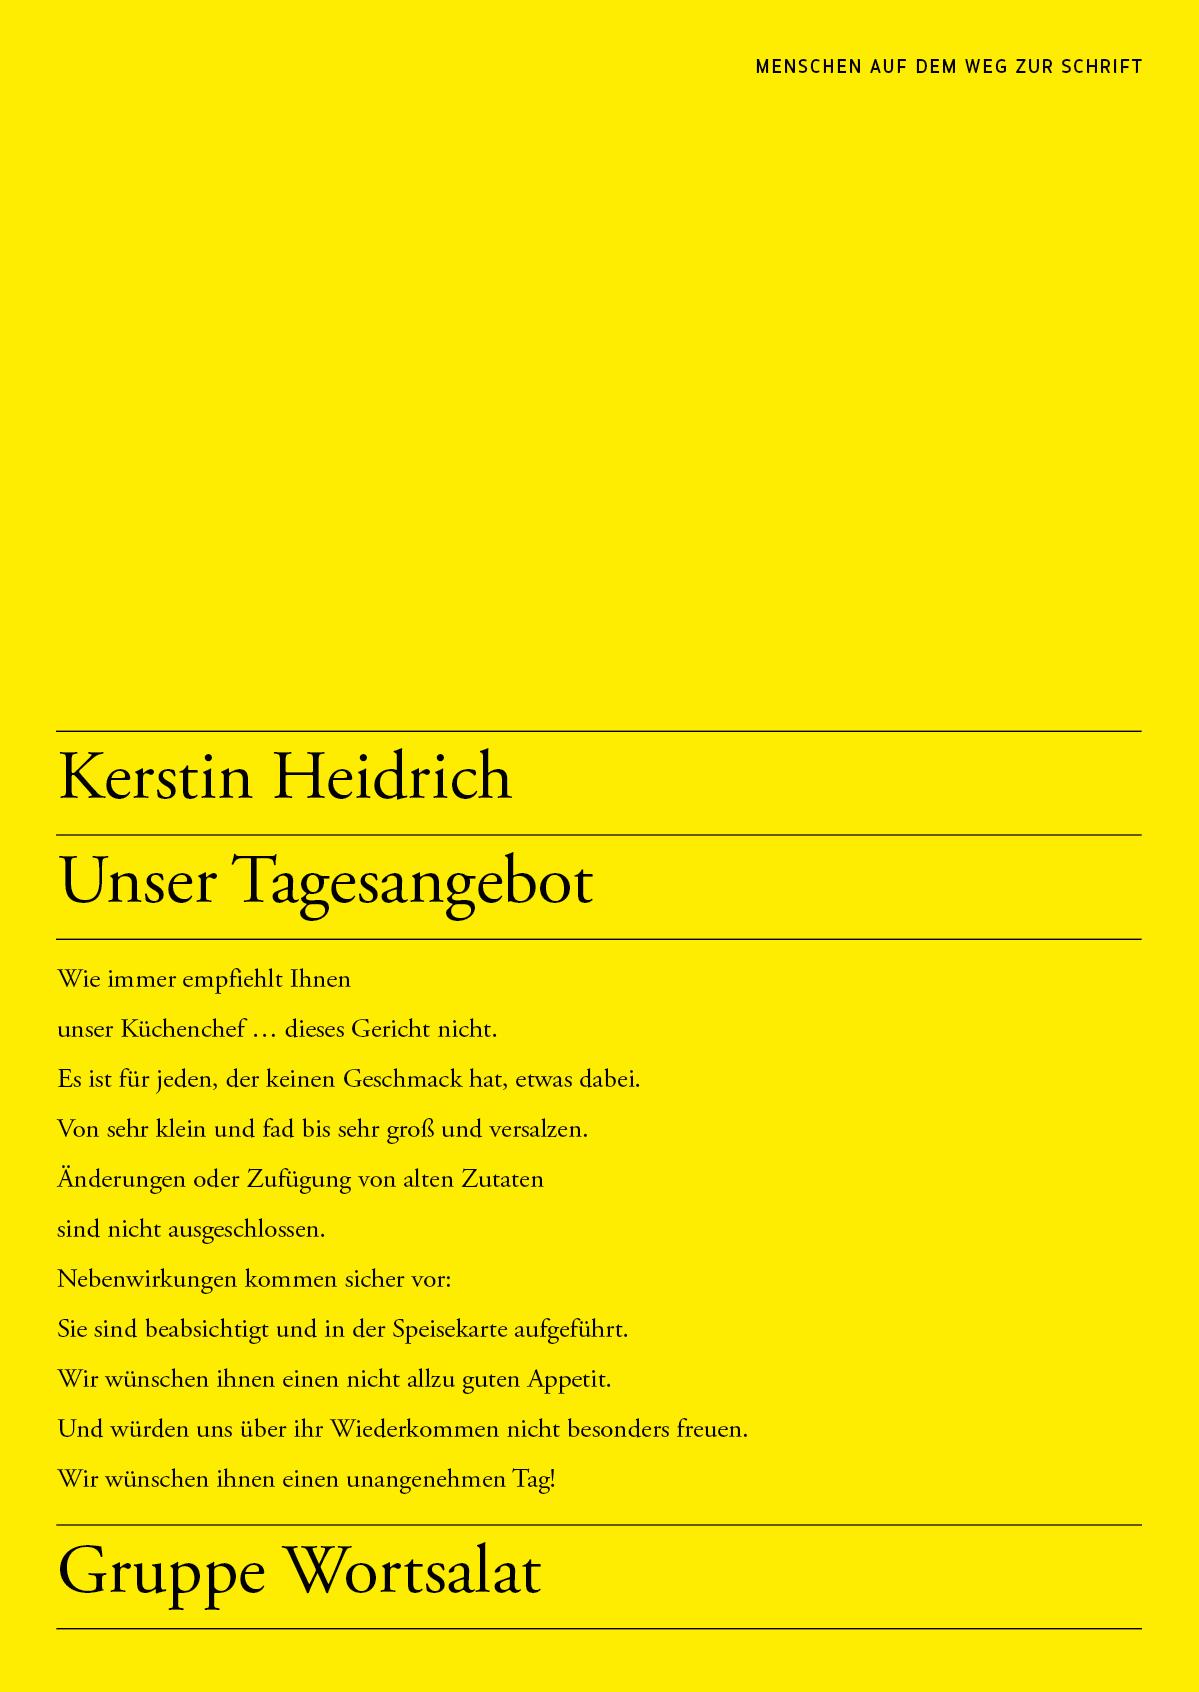 Bildquelle: Projekt Knotenpunkte für Grundbildung, Stadt Trier